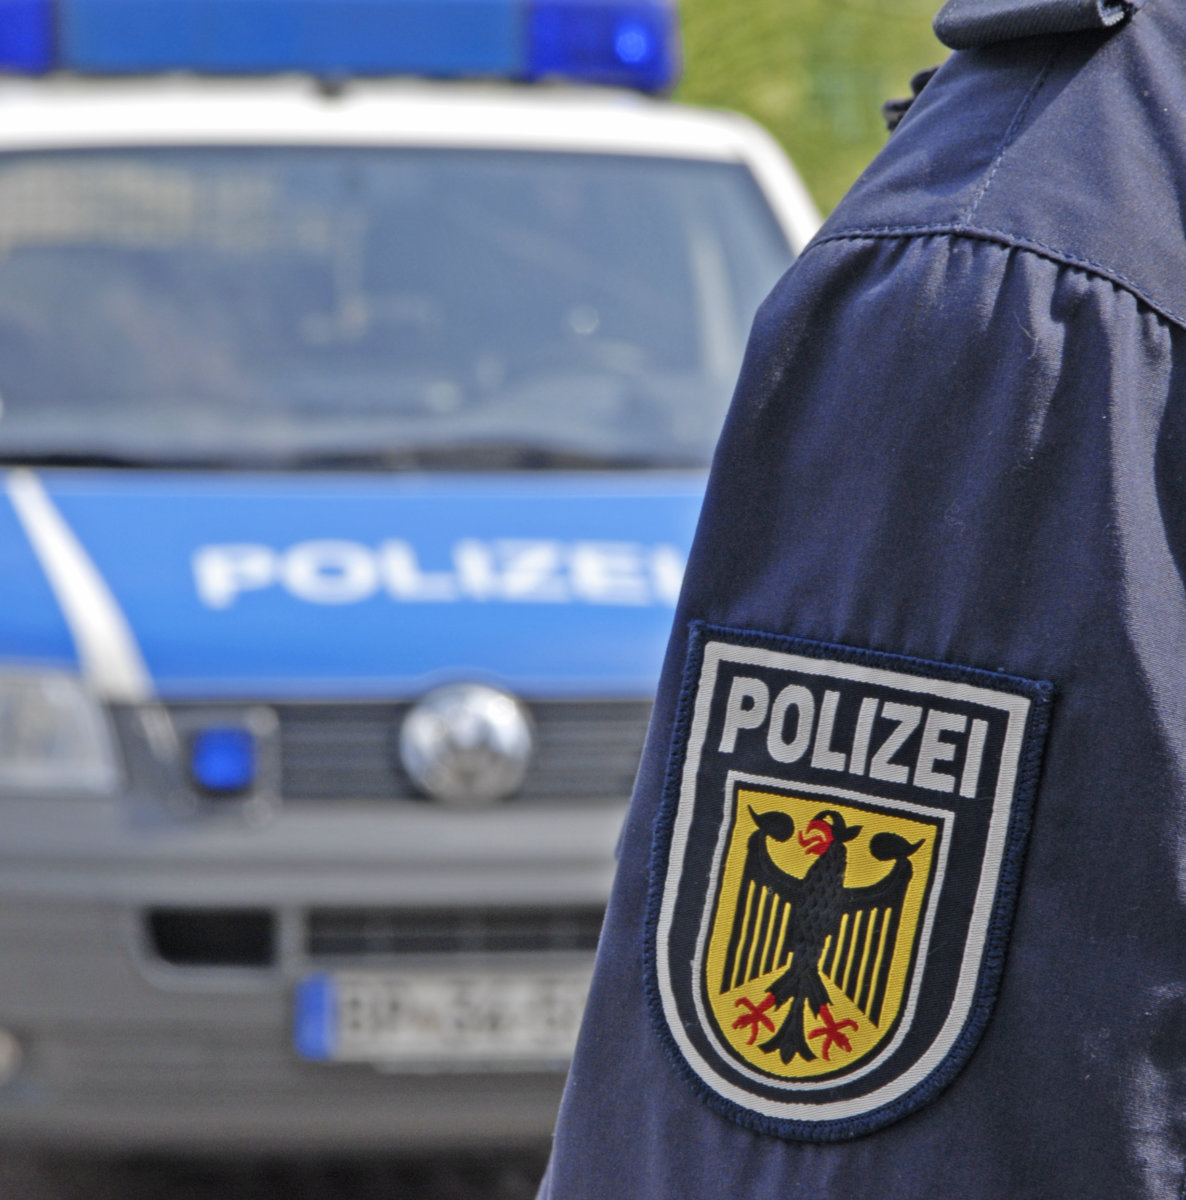 Bild_Bundespolizei A7/Füssen   Kurier mit 20 Kilogramm Marihuana gefasst News Ostallgäu Polizei & Co A7 Drogen Füssen Kurier Marihuana Polizeikontrolle  Presse Augsburg